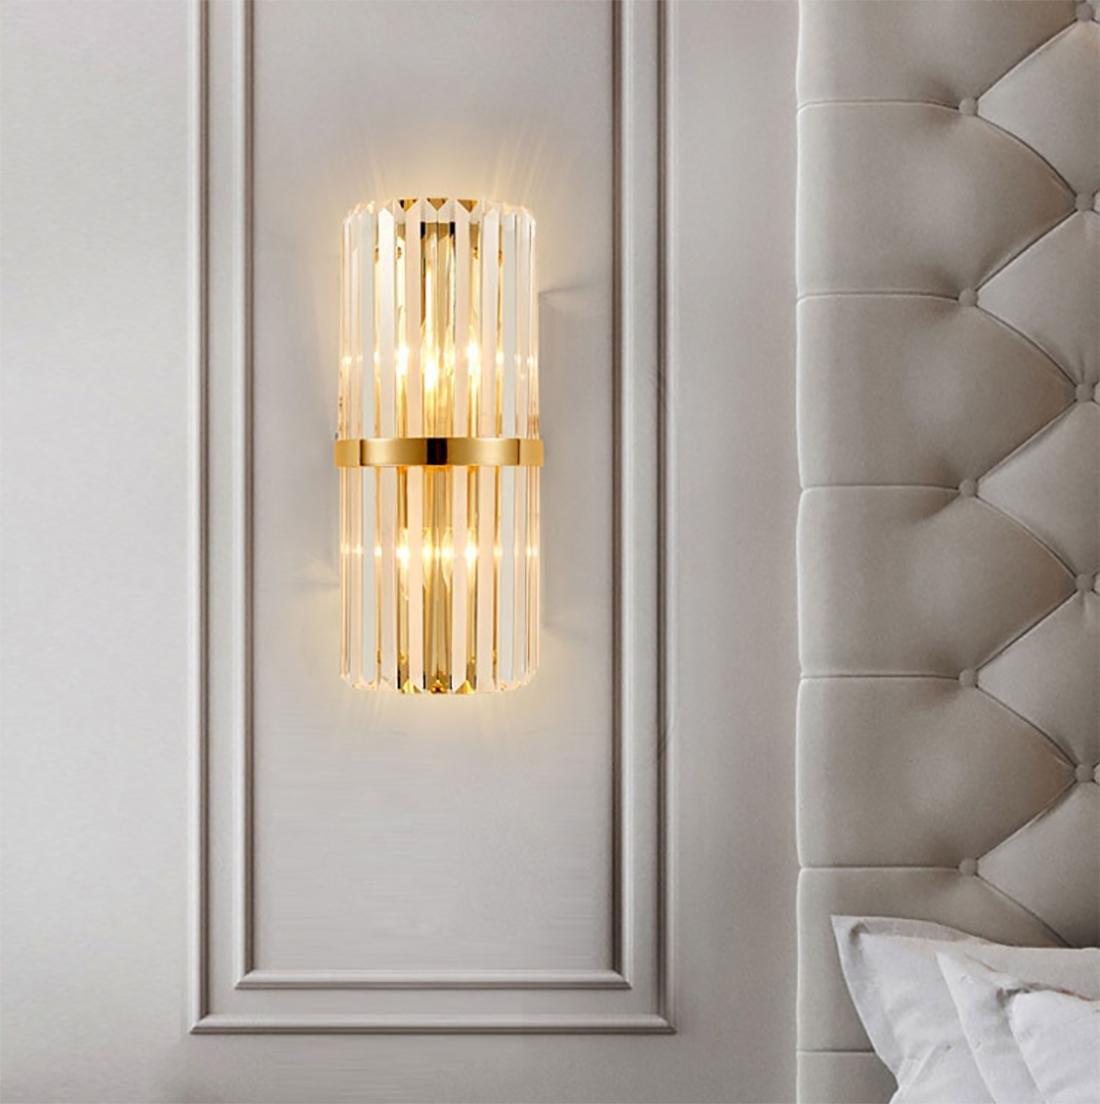 Promoción por tiempo limitado BENJUNNórdico Postmodernista Creativo Simple Cristal Luz de pared Lámpara de cabecera Dormitorio Luces de la sala de estar Europea Pasillo Luz de la escalera Lámpara de pared LED